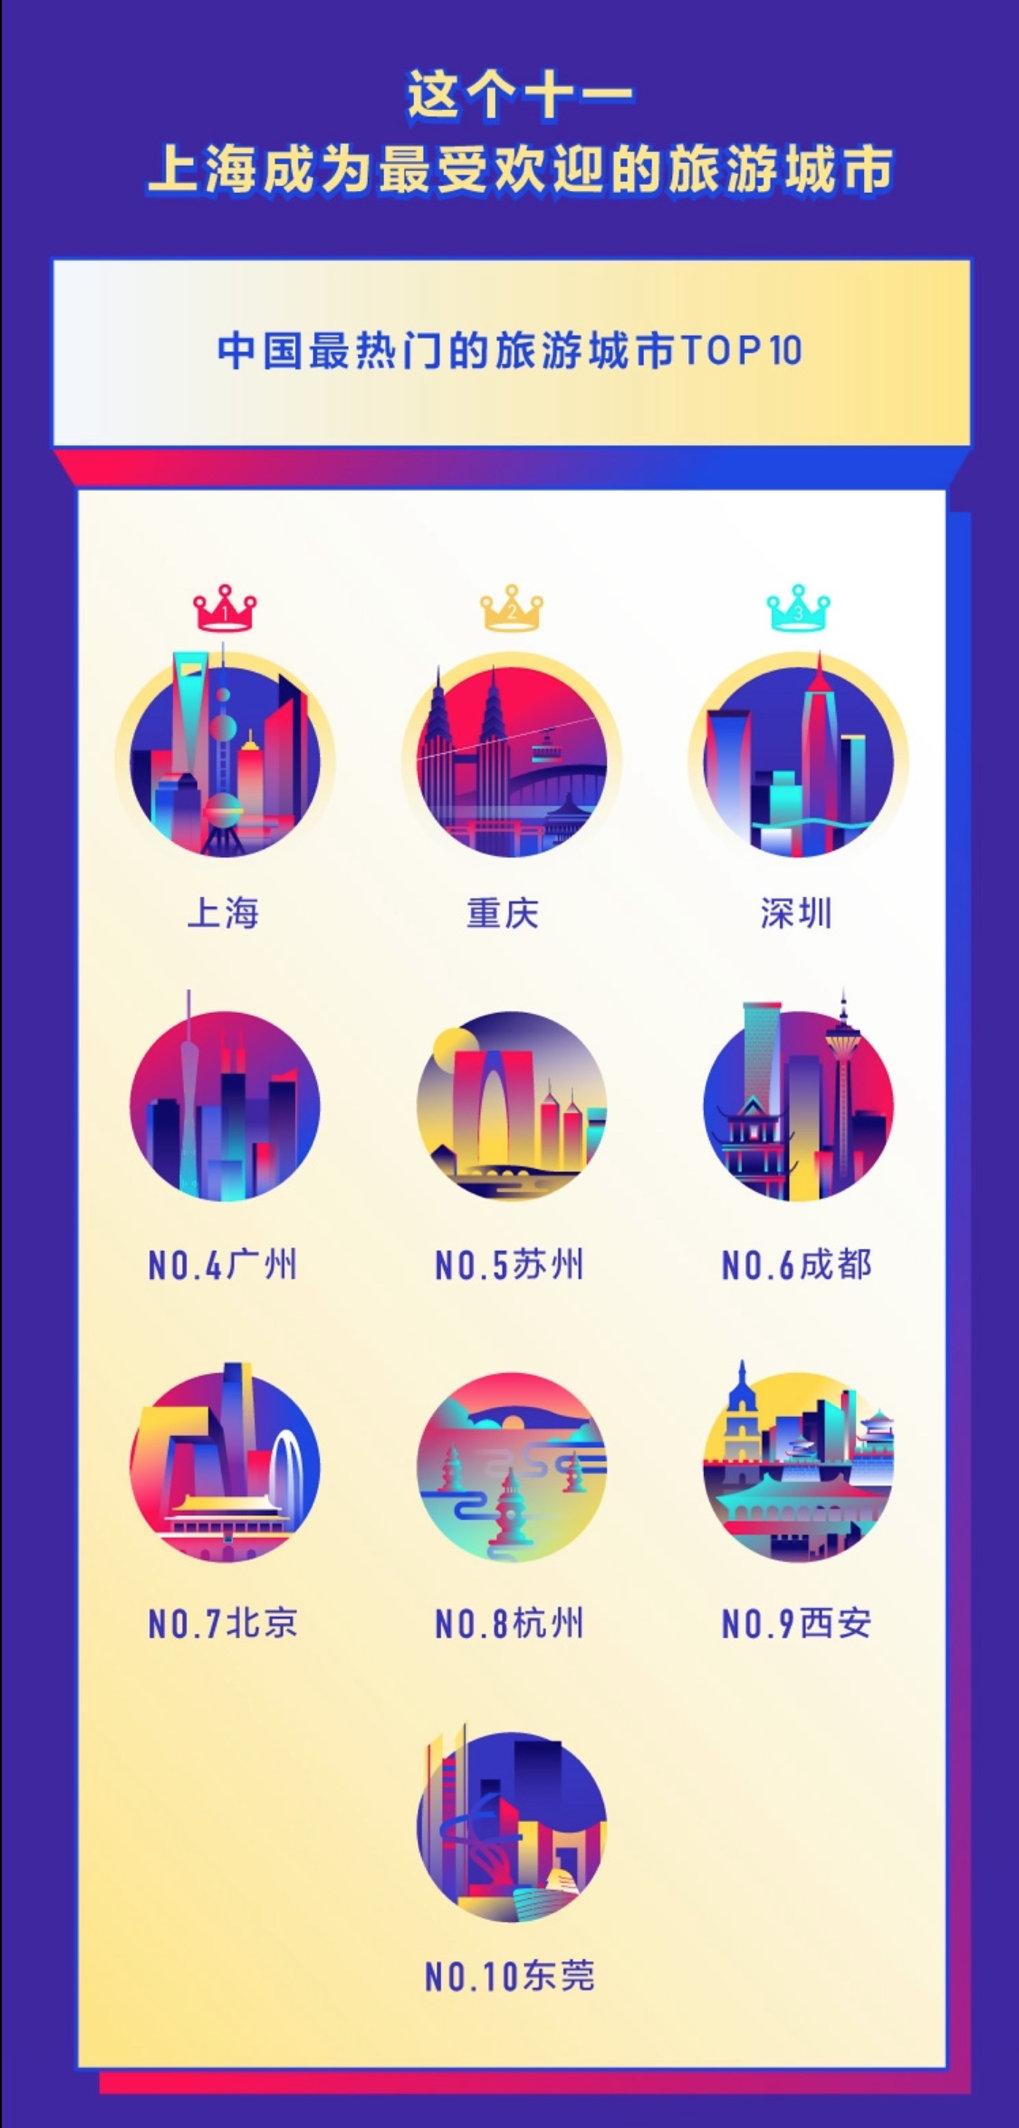 抖音公布国庆数据陈诉,姑苏东莞成为旅游乌马